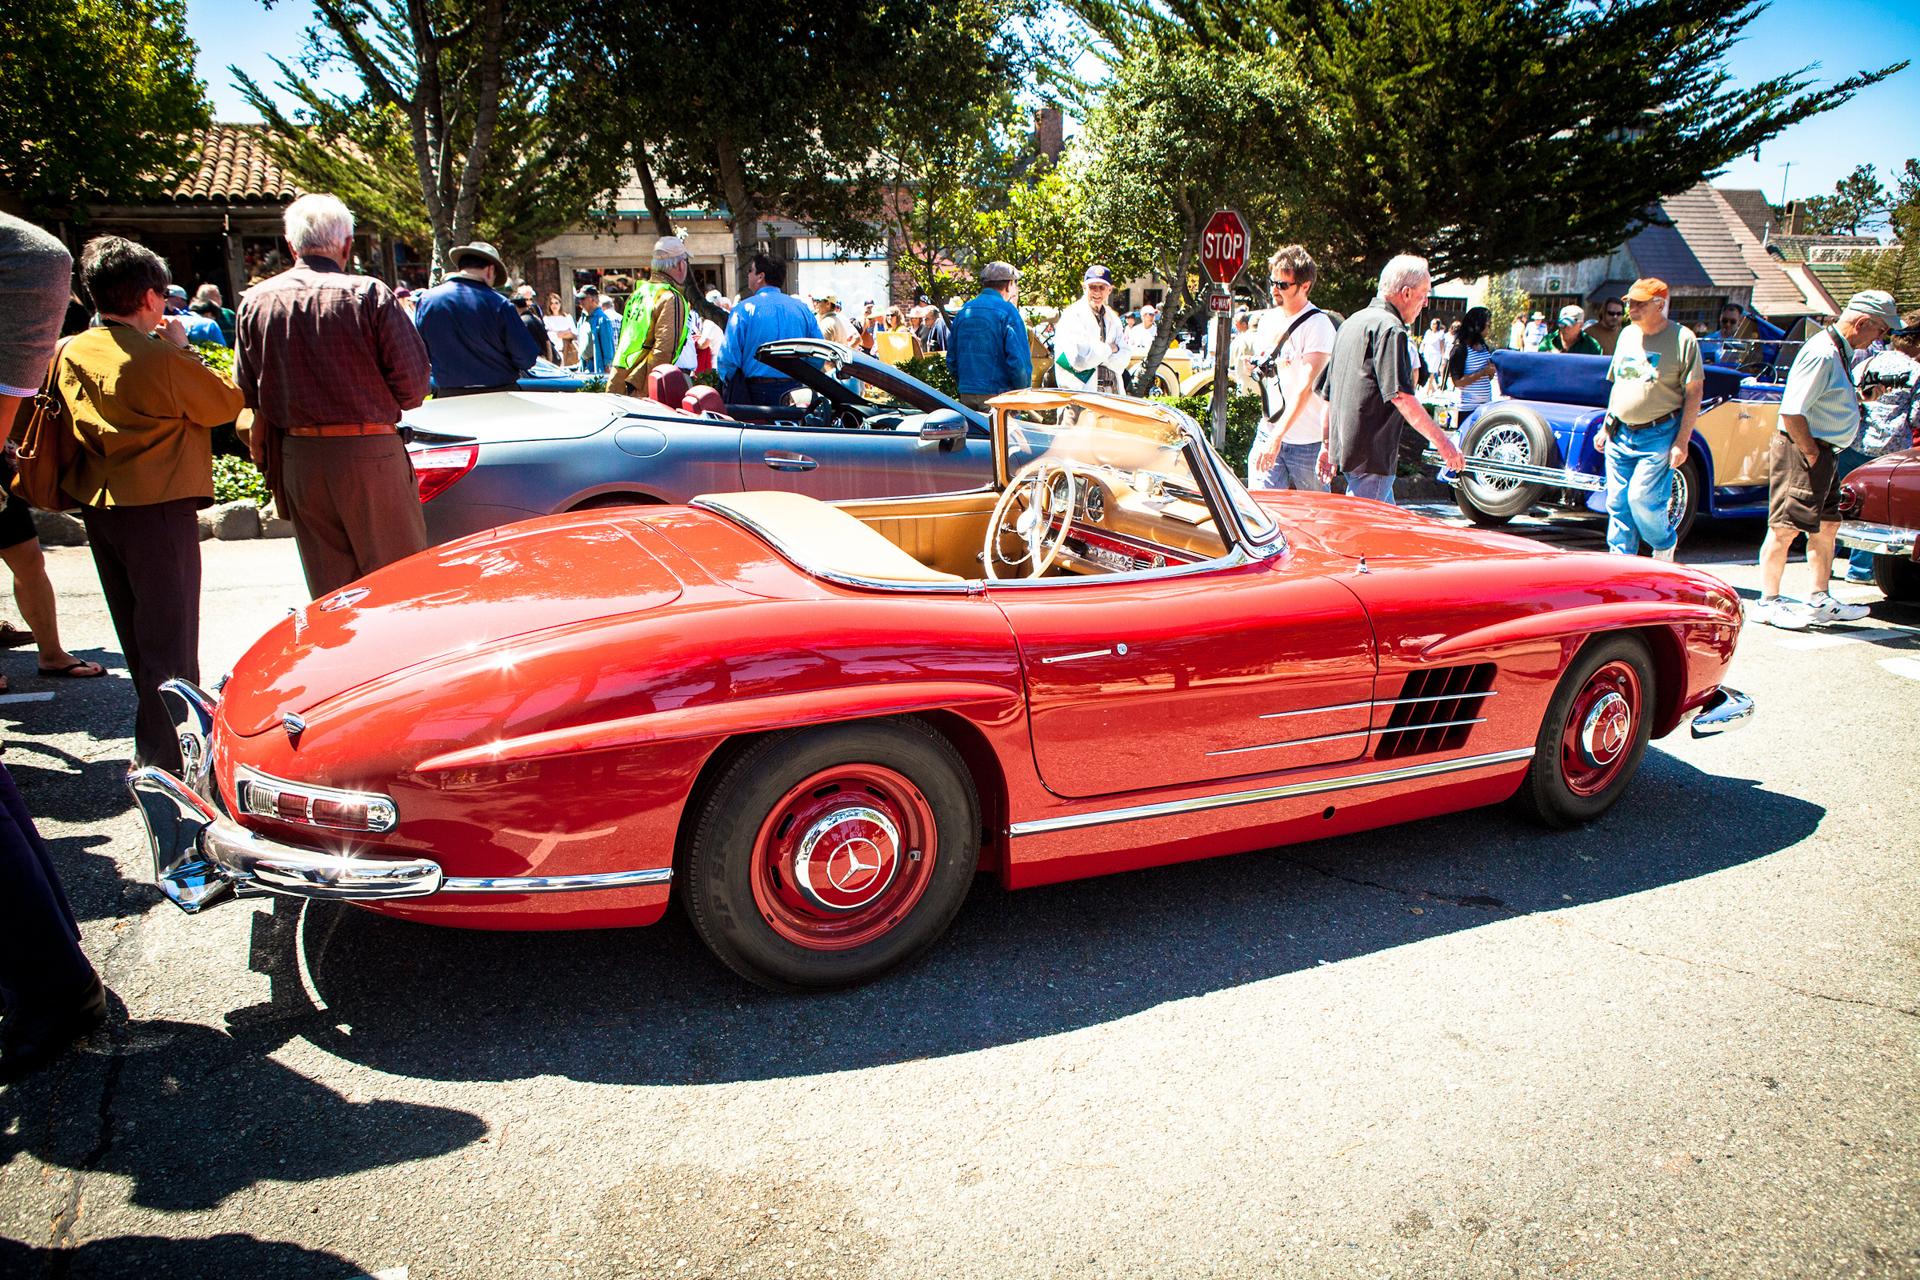 Mercedes-Benz 300 SL Roadster (W 198). Exterieurfoto von rechts. Monterey Car Week in Pebble Beach, 2012.